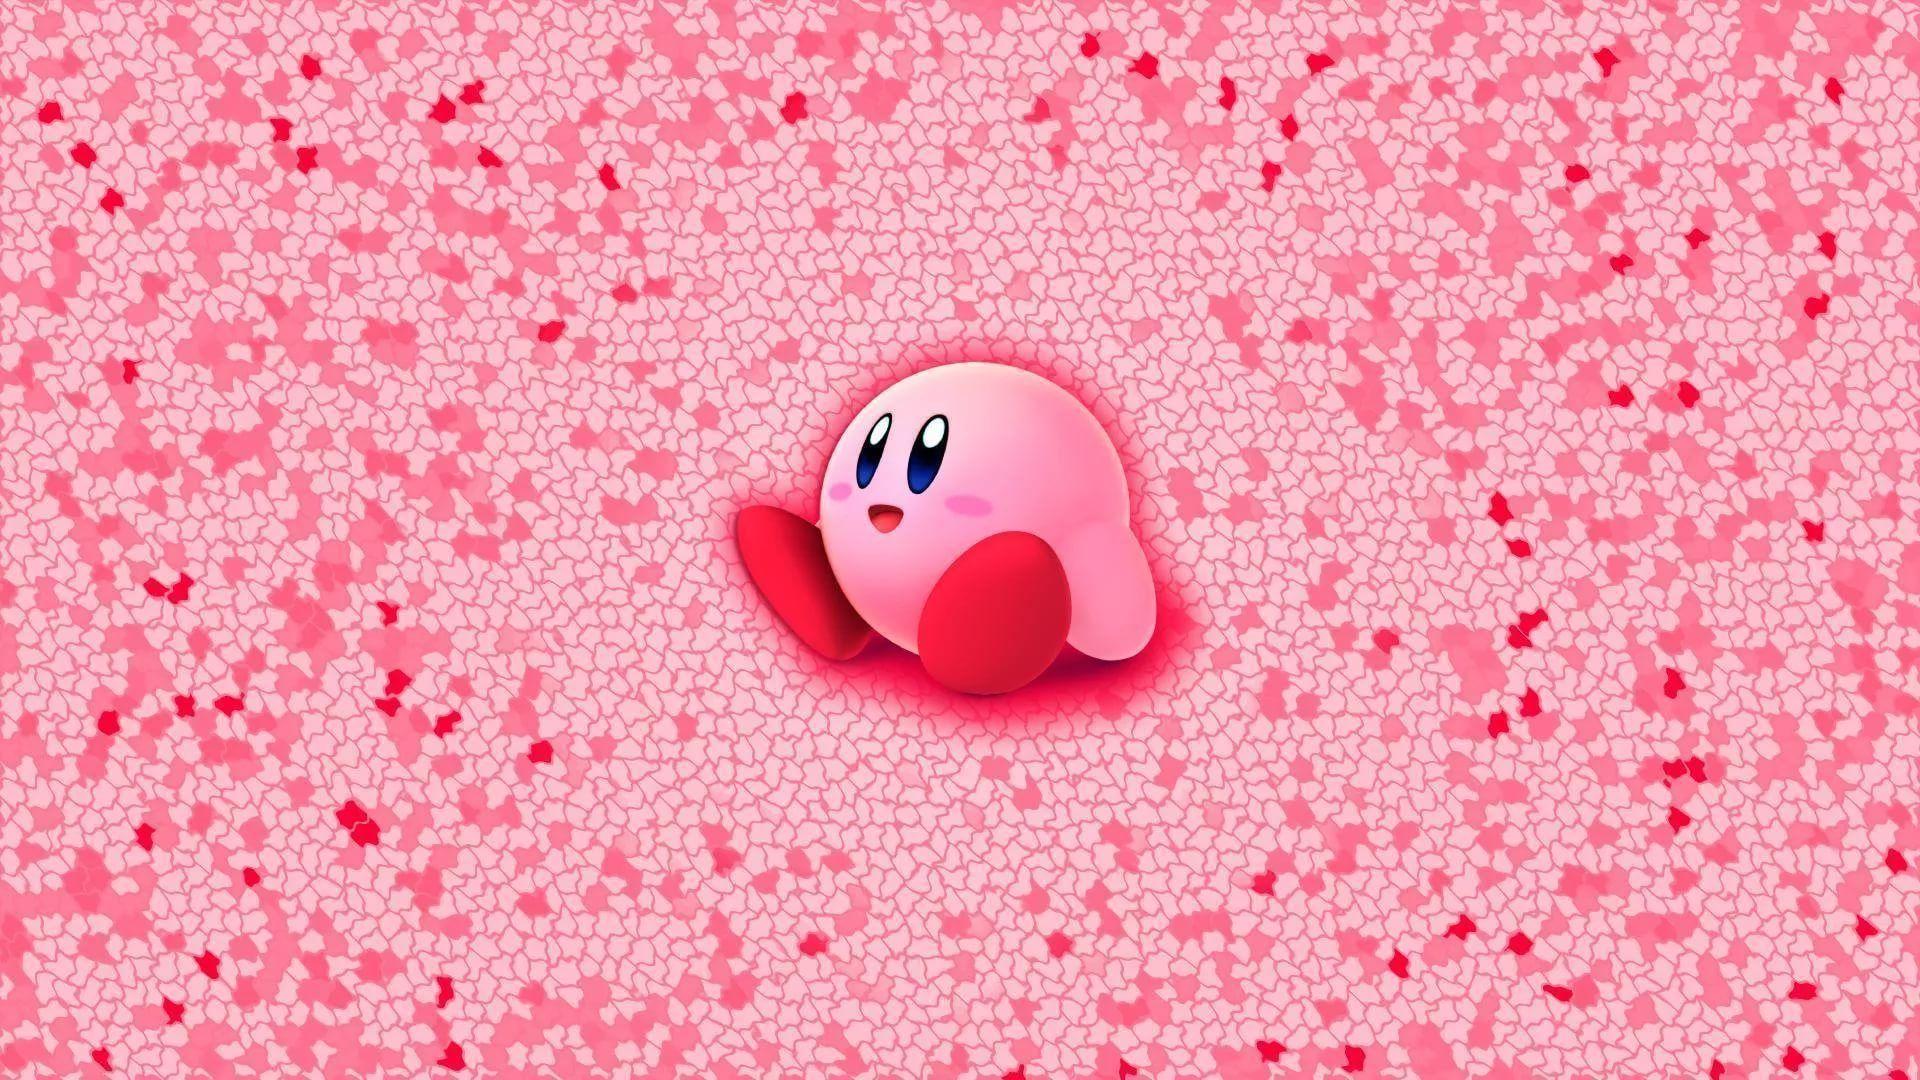 Kirby full hd wallpaper